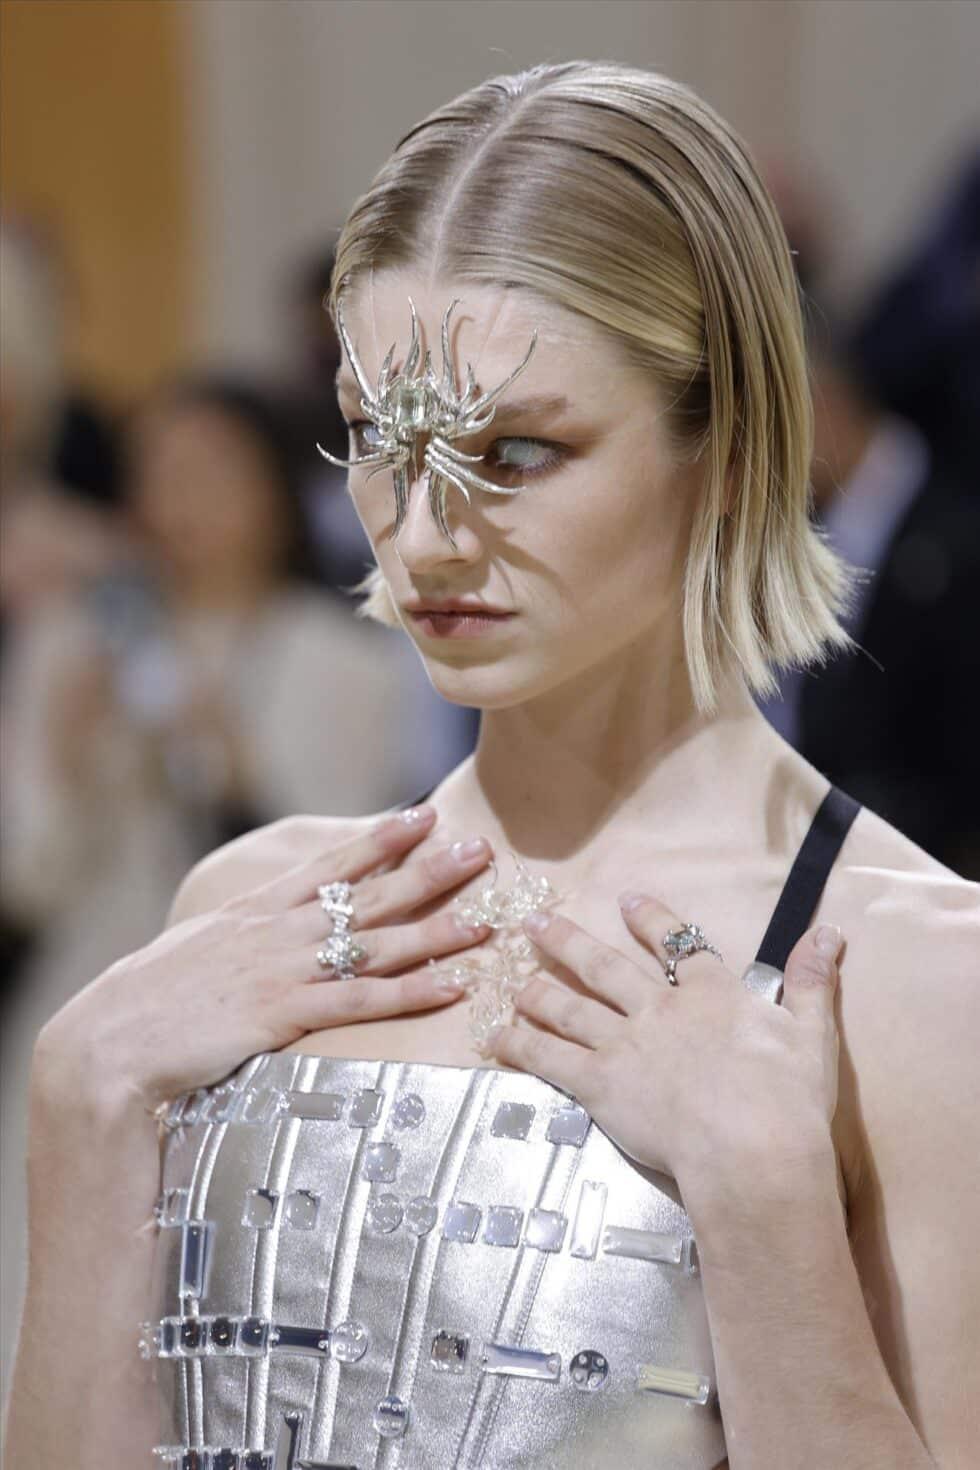 La modelo, actriz y activista transexual Hunter Schafer ha desfilado con un conjunto plateado de Prada que ha acompañado con un accesorio en forma de araña